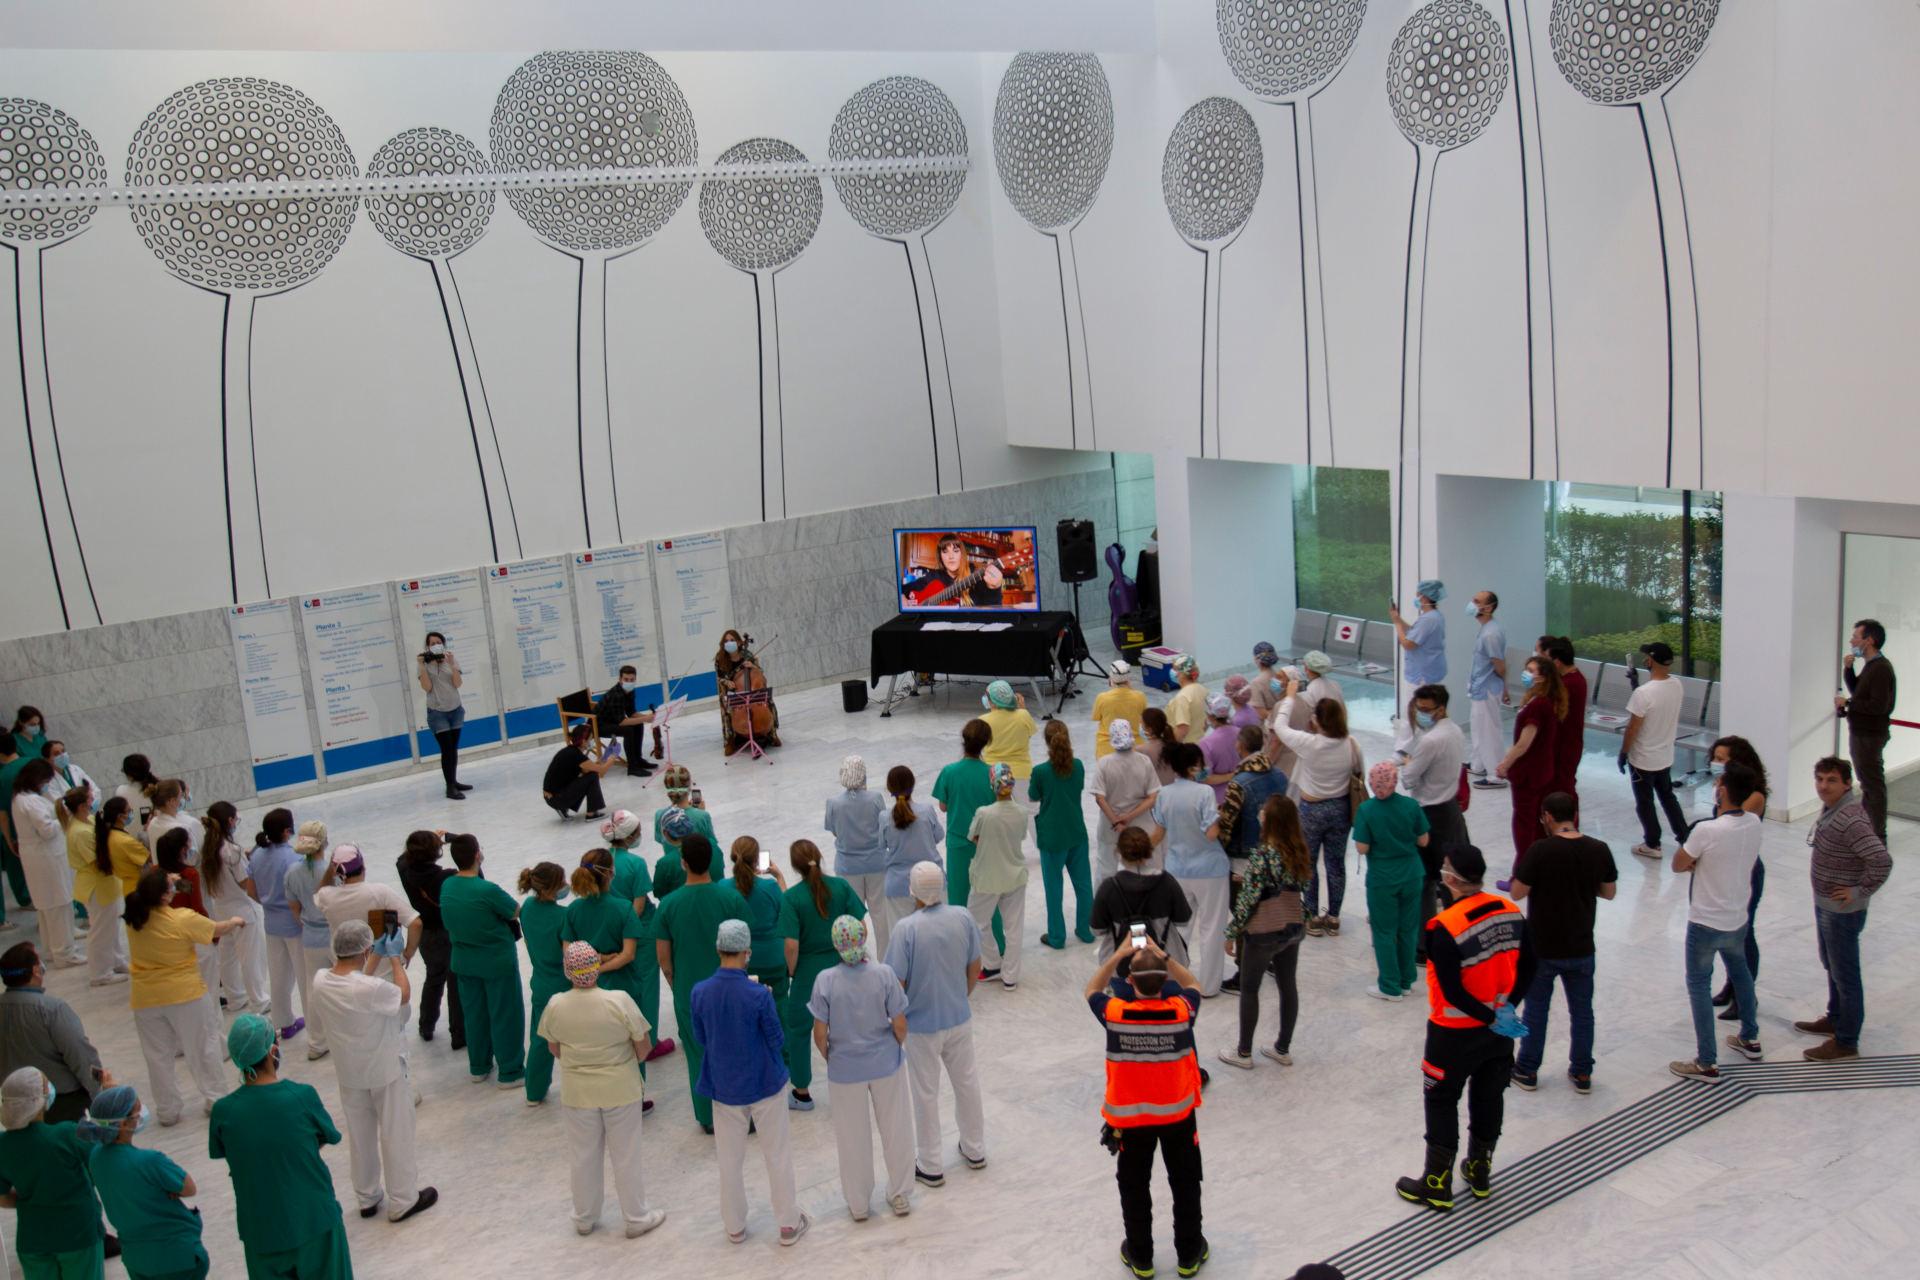 Músicos por la Salud. Microconcierto de Rozalén, Leiva y Kiko Veneno en el Hospital Puerta del Hierro. Foto de Juan Zarza.